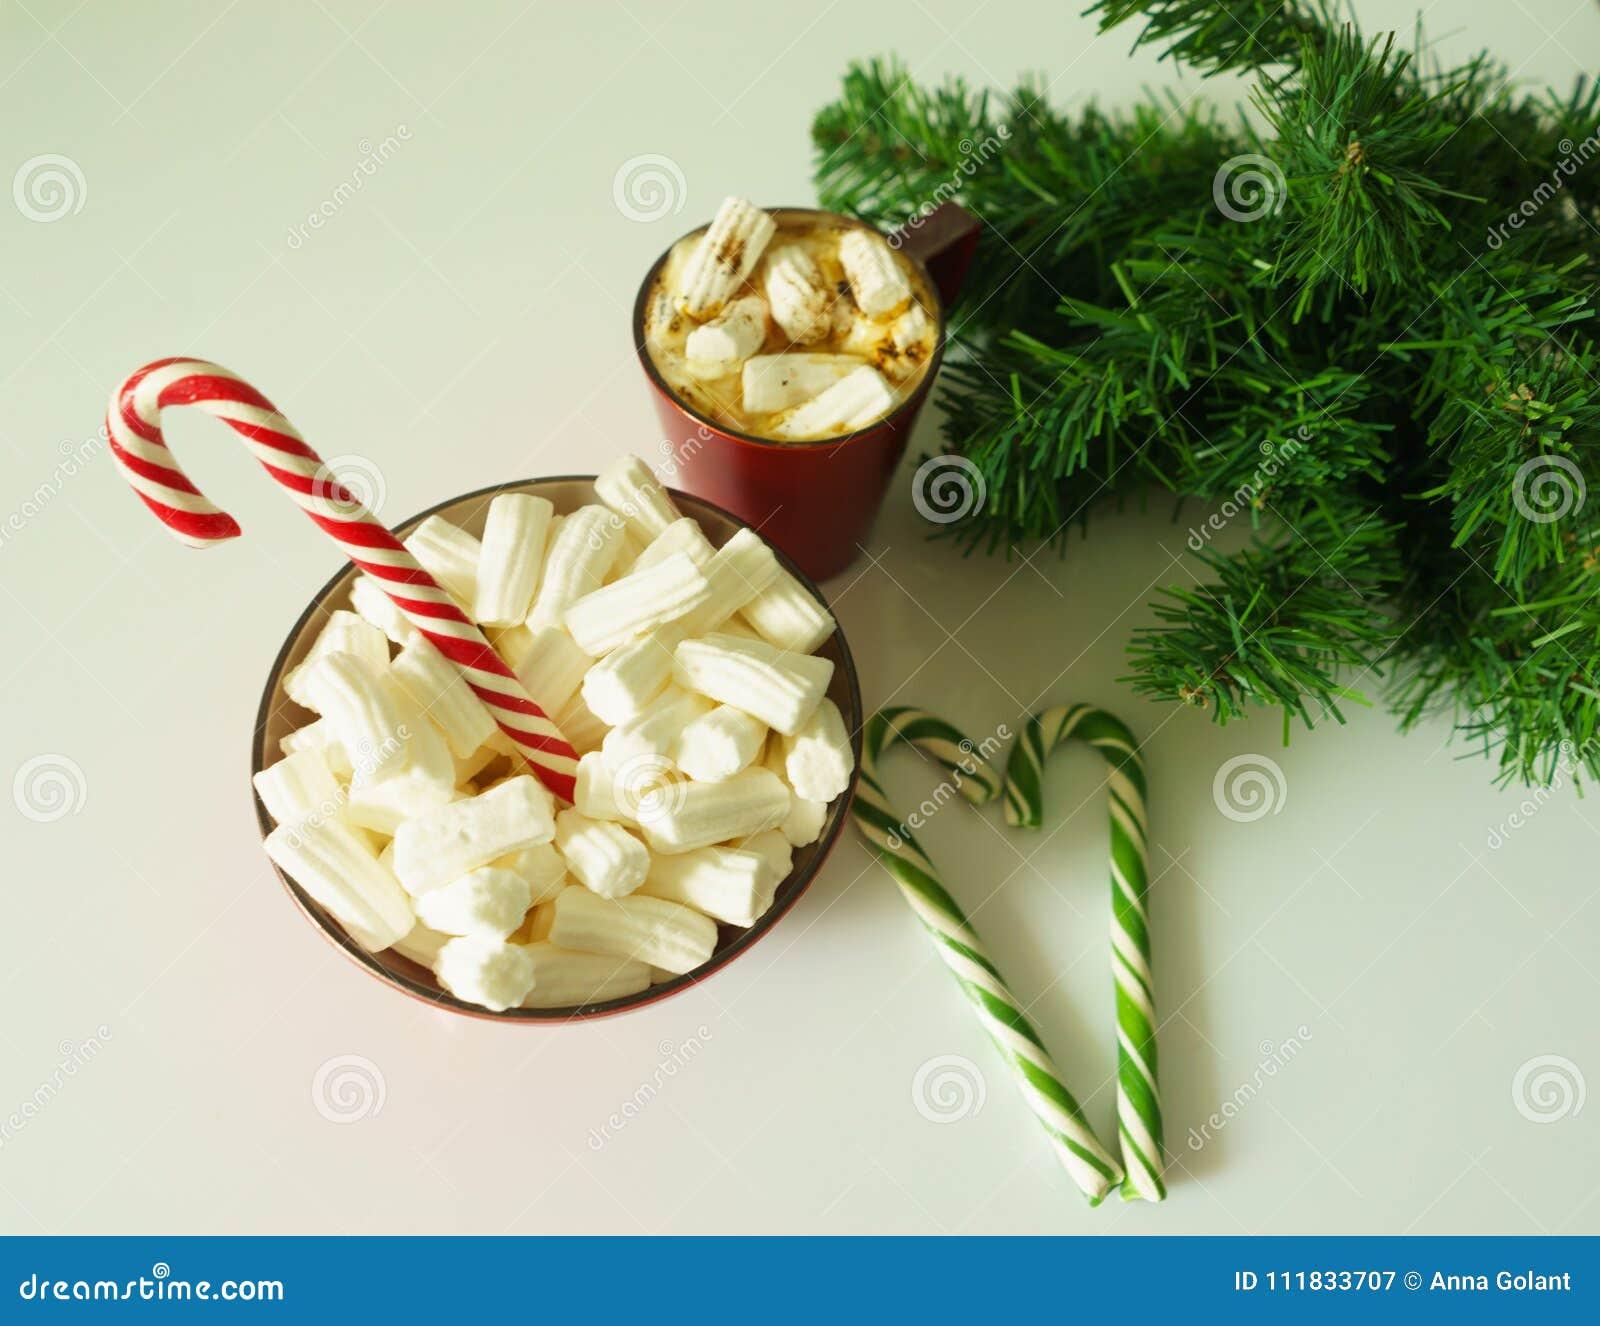 Jul bakgrund, hälsningkort med en kopp kaffe eller en choklad med marshmallower, godisrottingar, en röd platta och trädfilialer